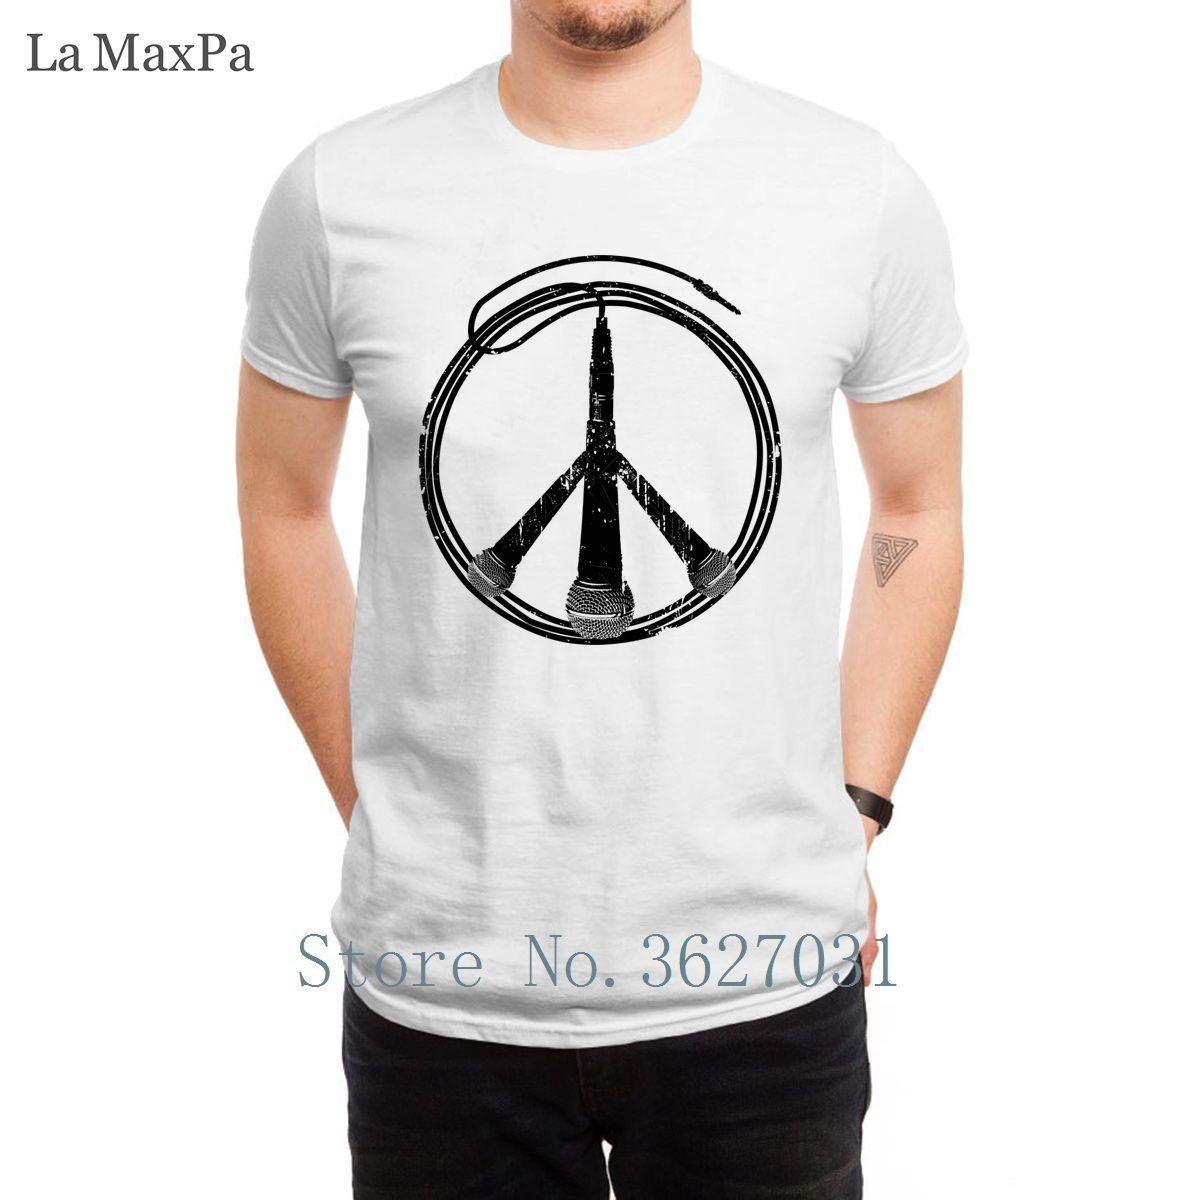 Impresión de la novedad de las camisetas hombre de la música no la guerra camiseta impresionante verano camiseta para Menss casual 100% algodón Interesante